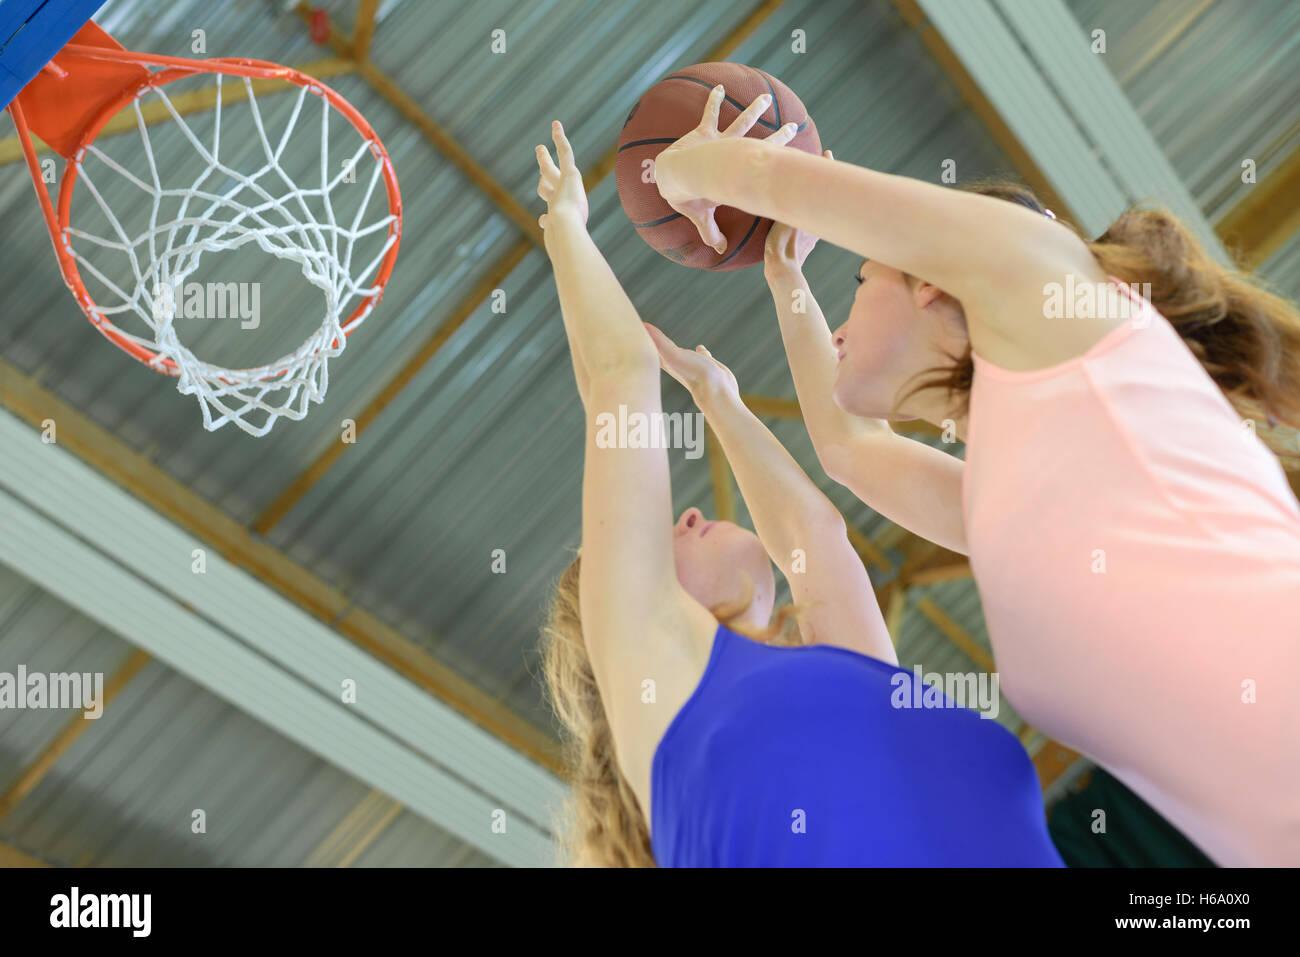 Mujer apuntando hacia el baloncesto net Imagen De Stock